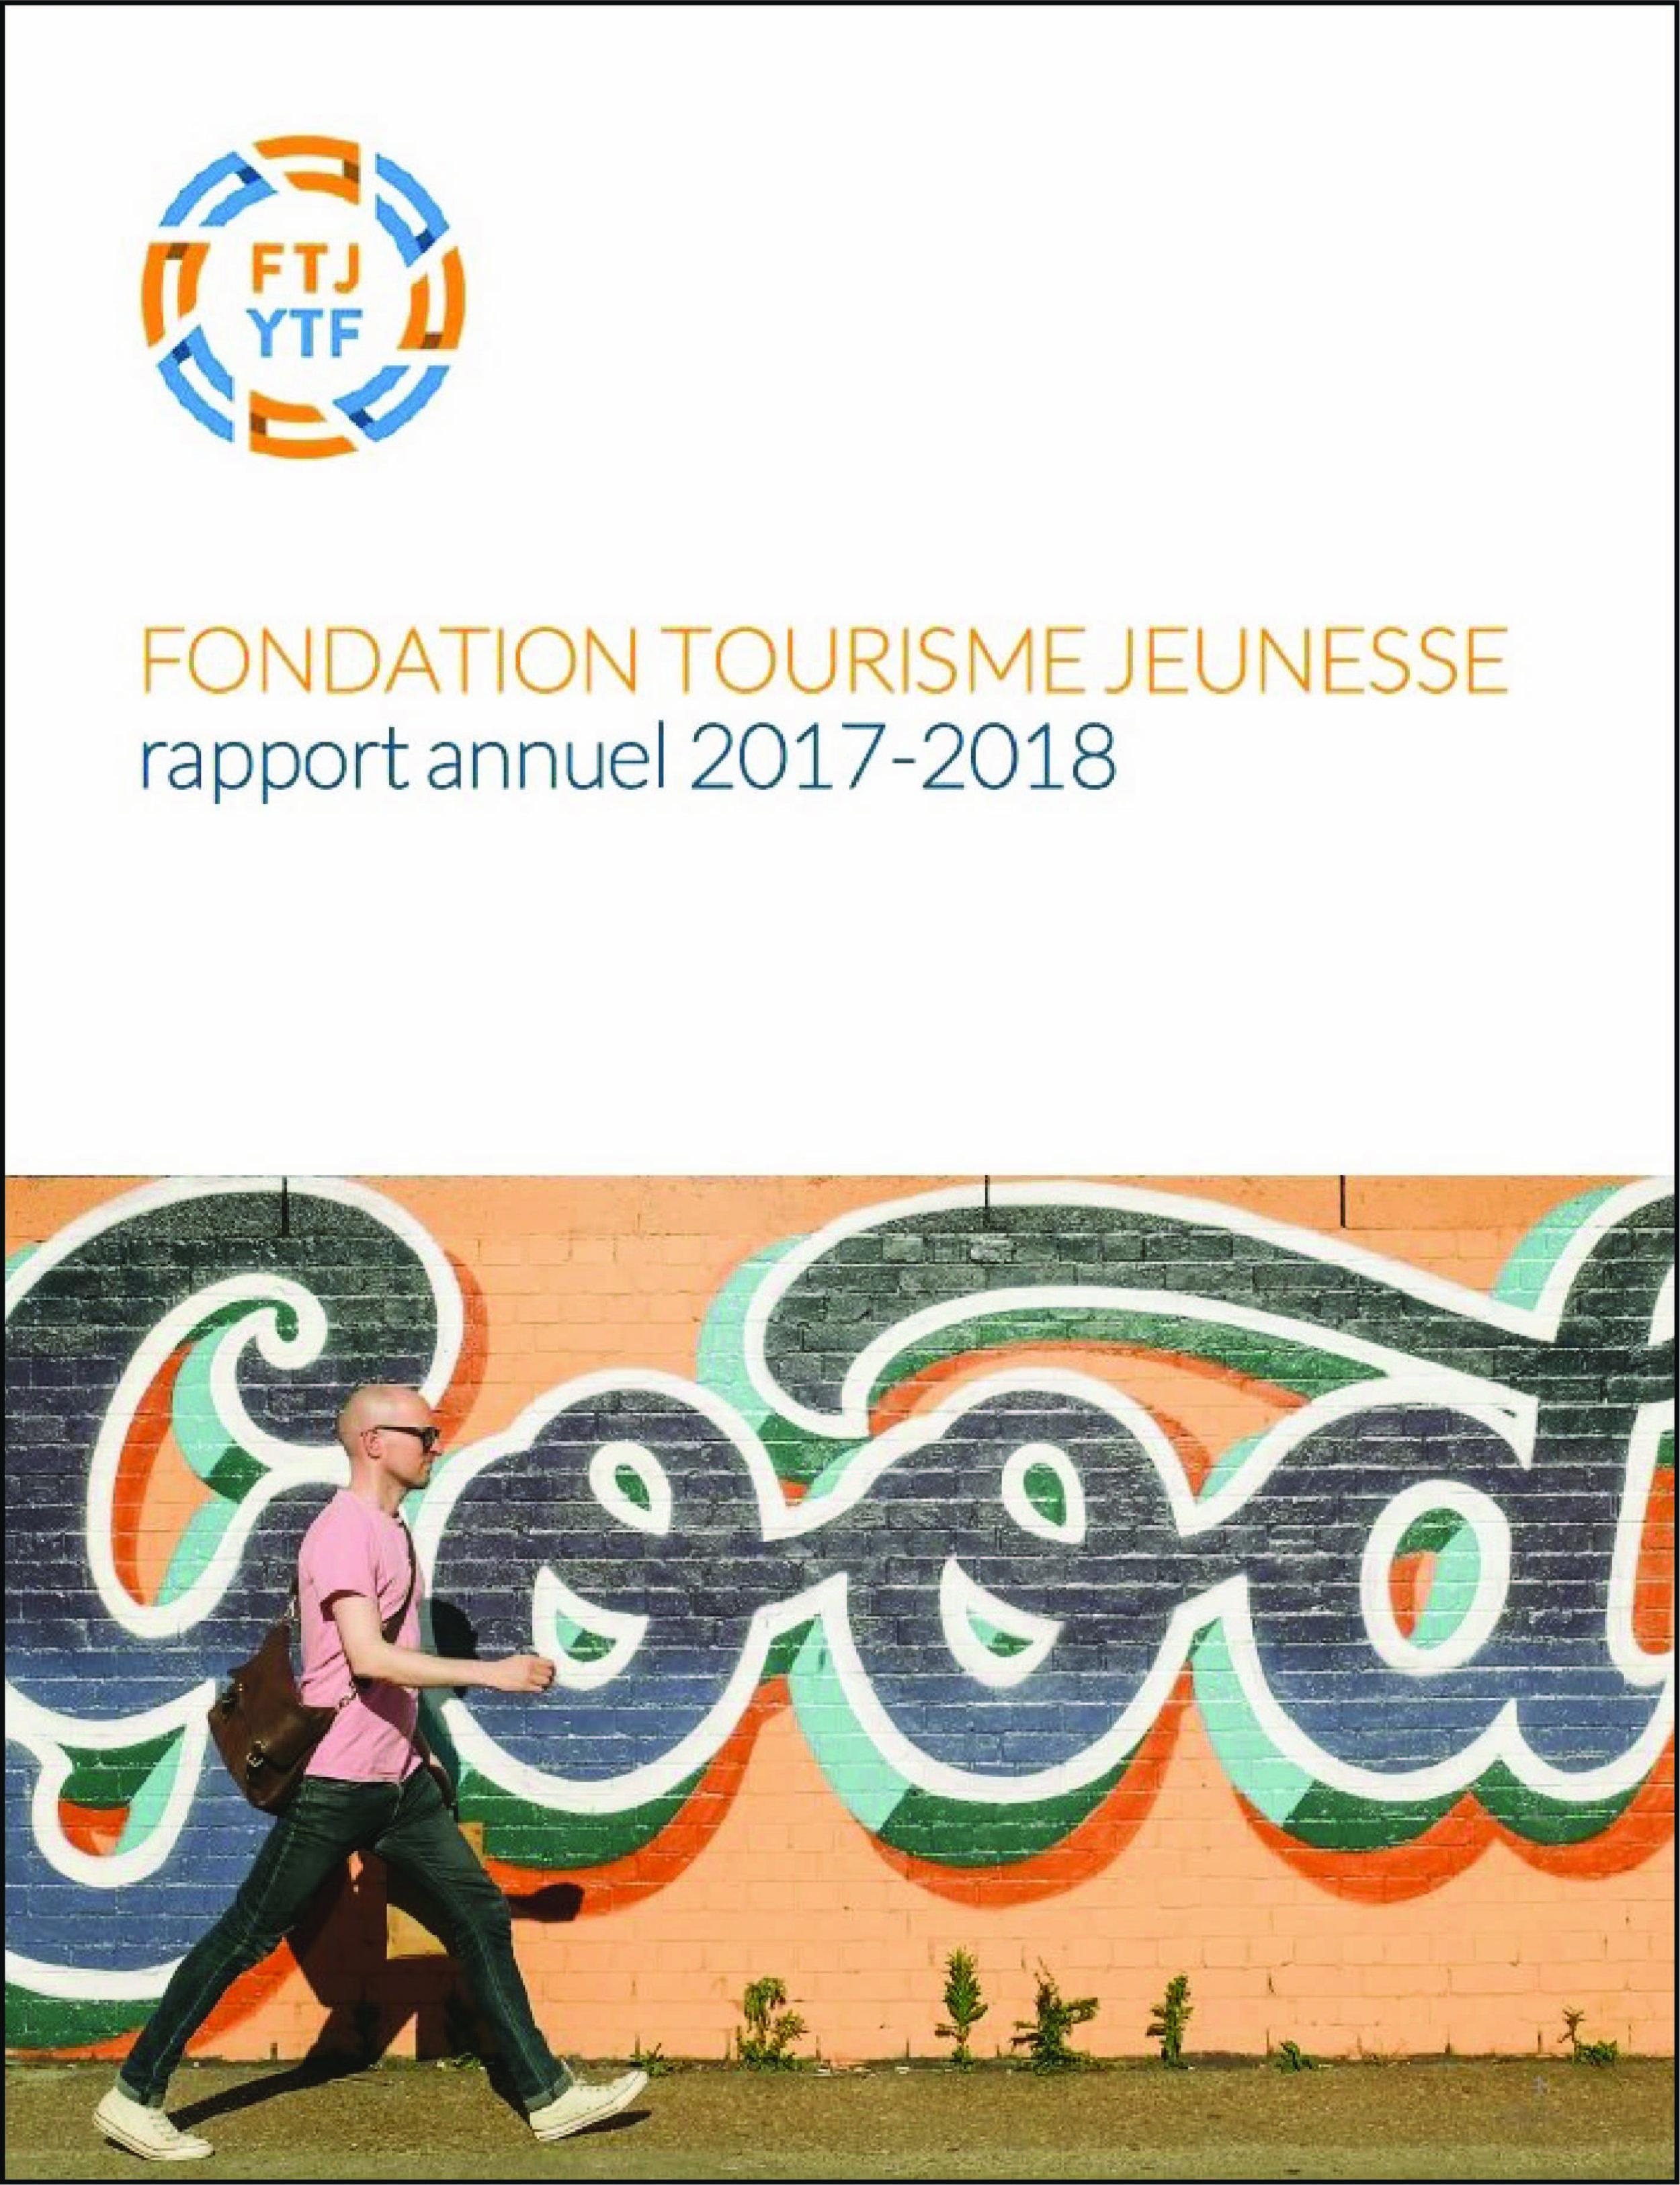 Rapport annuel 2017-2018_Nous Joindre_Fondation Tourisme Jeunesse.jpg